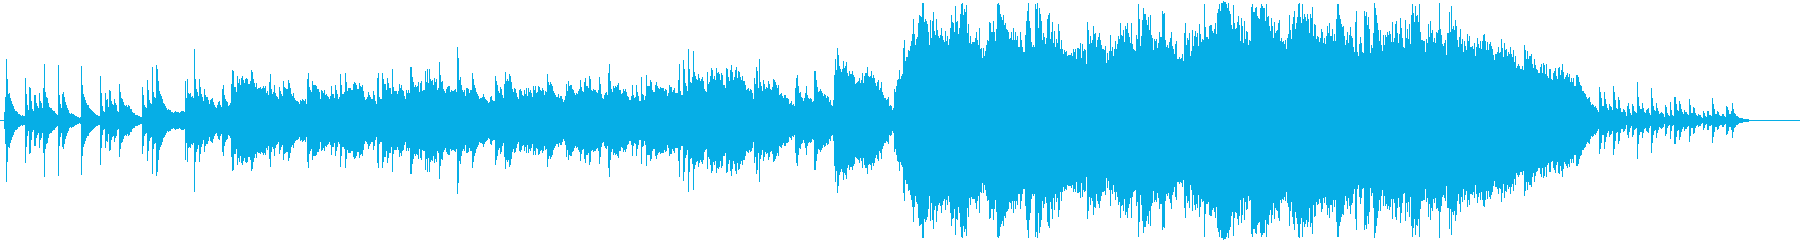 ピアノの旋律が中心のオーケストラの再生済みの波形